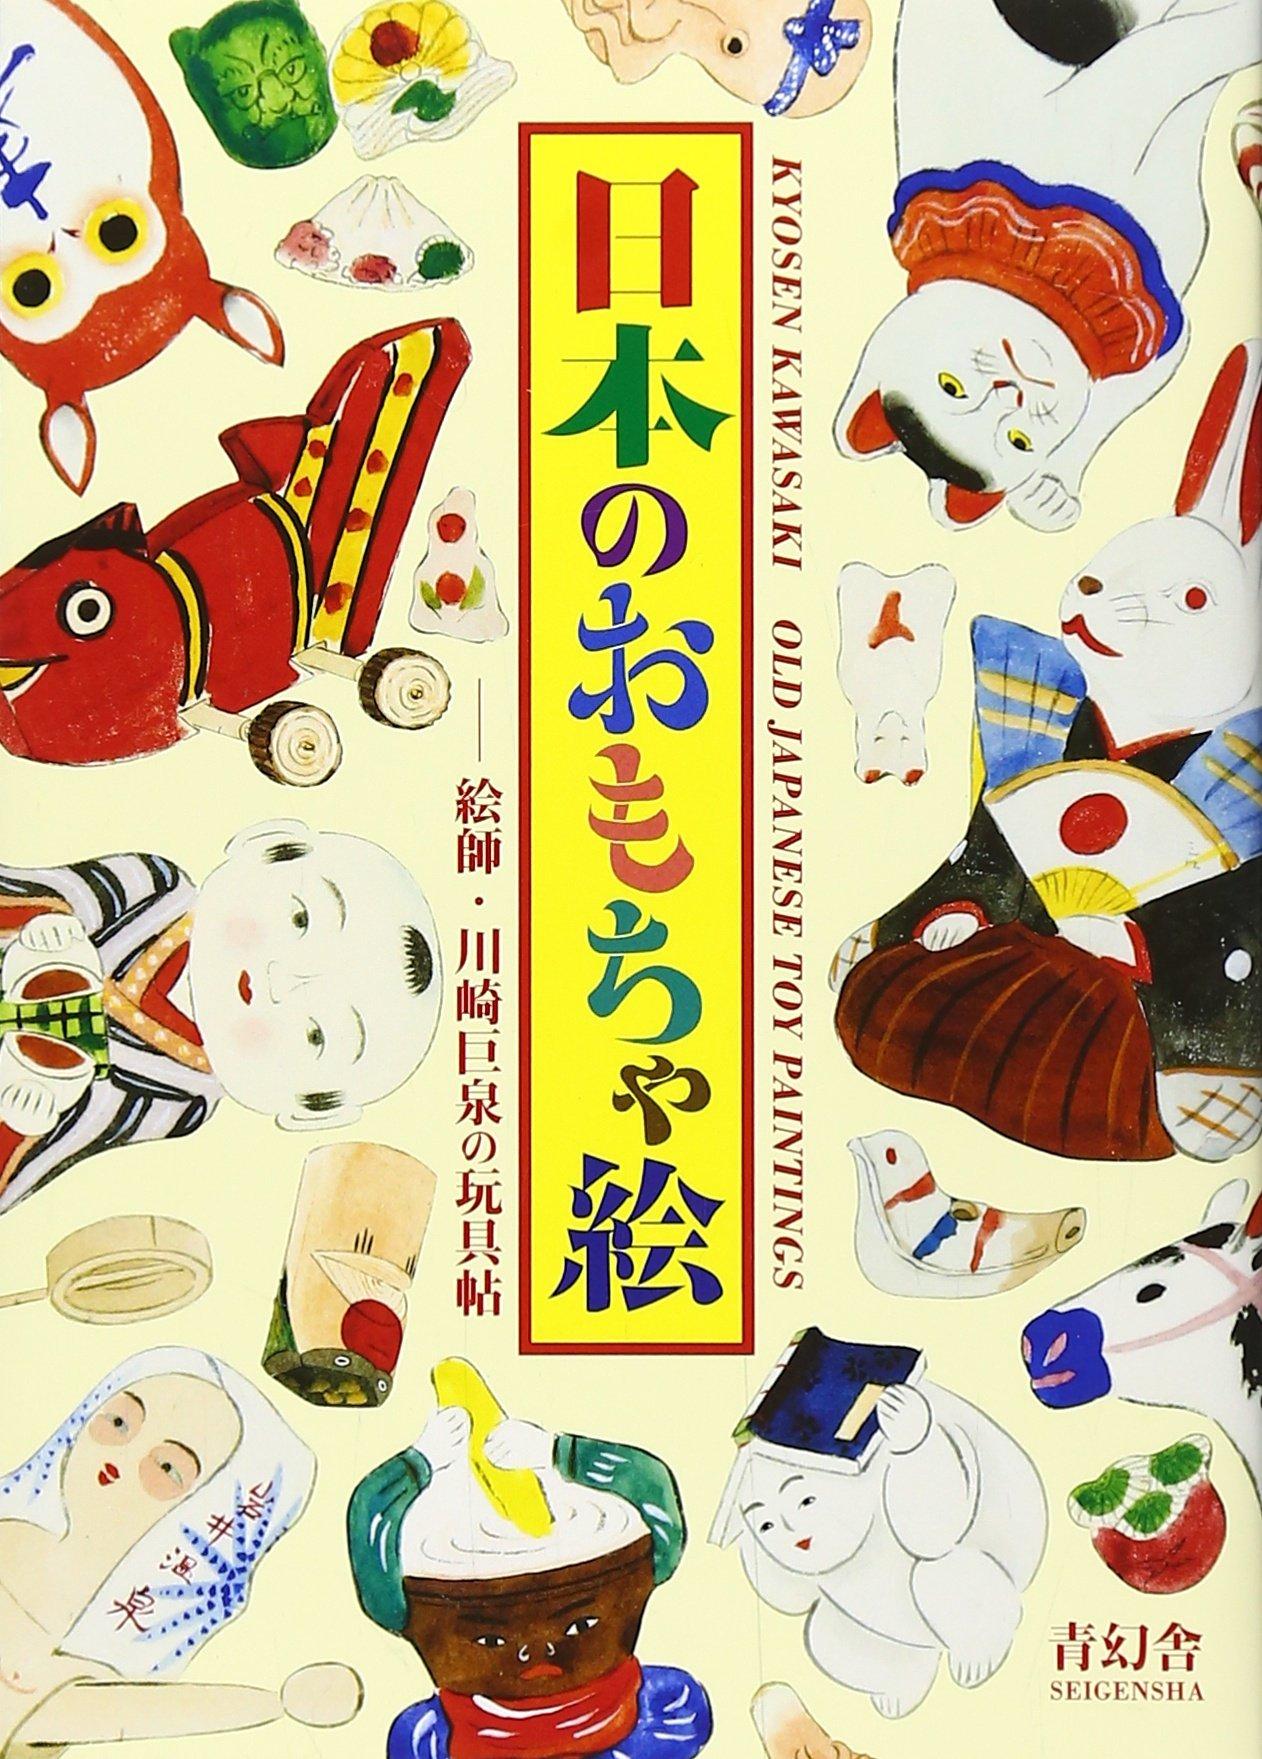 Kyosen Kawasaki  Old Japanese Toy Paintings